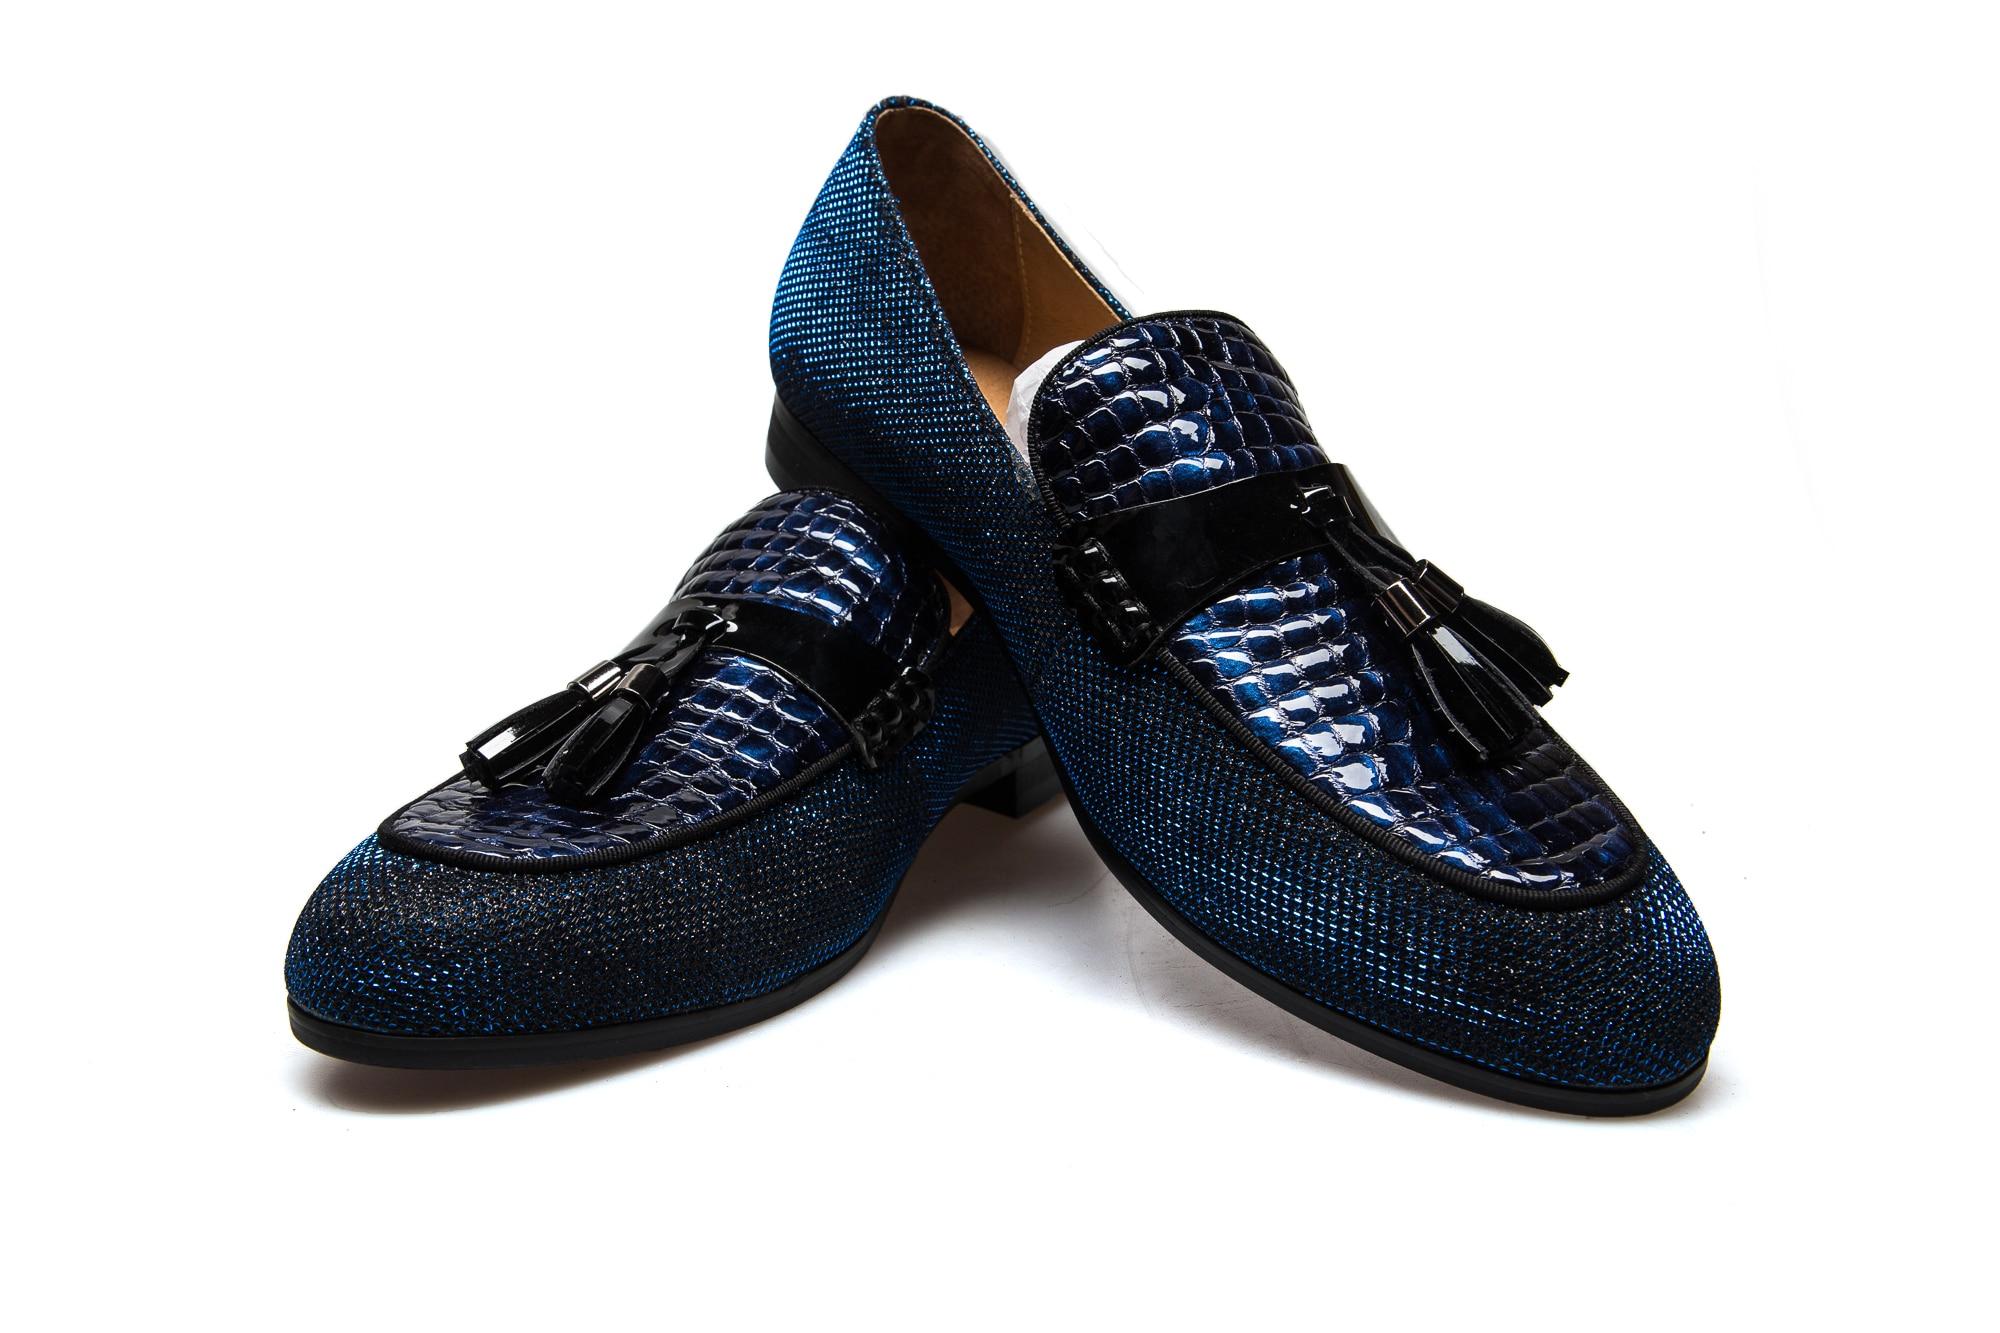 vermelho Vermelho Mocassins azul Com on Da De Moda Festa Preto Sapatos Homens Masculinos Preto Meijiana Couro Respirável Slip UTOnn4xq